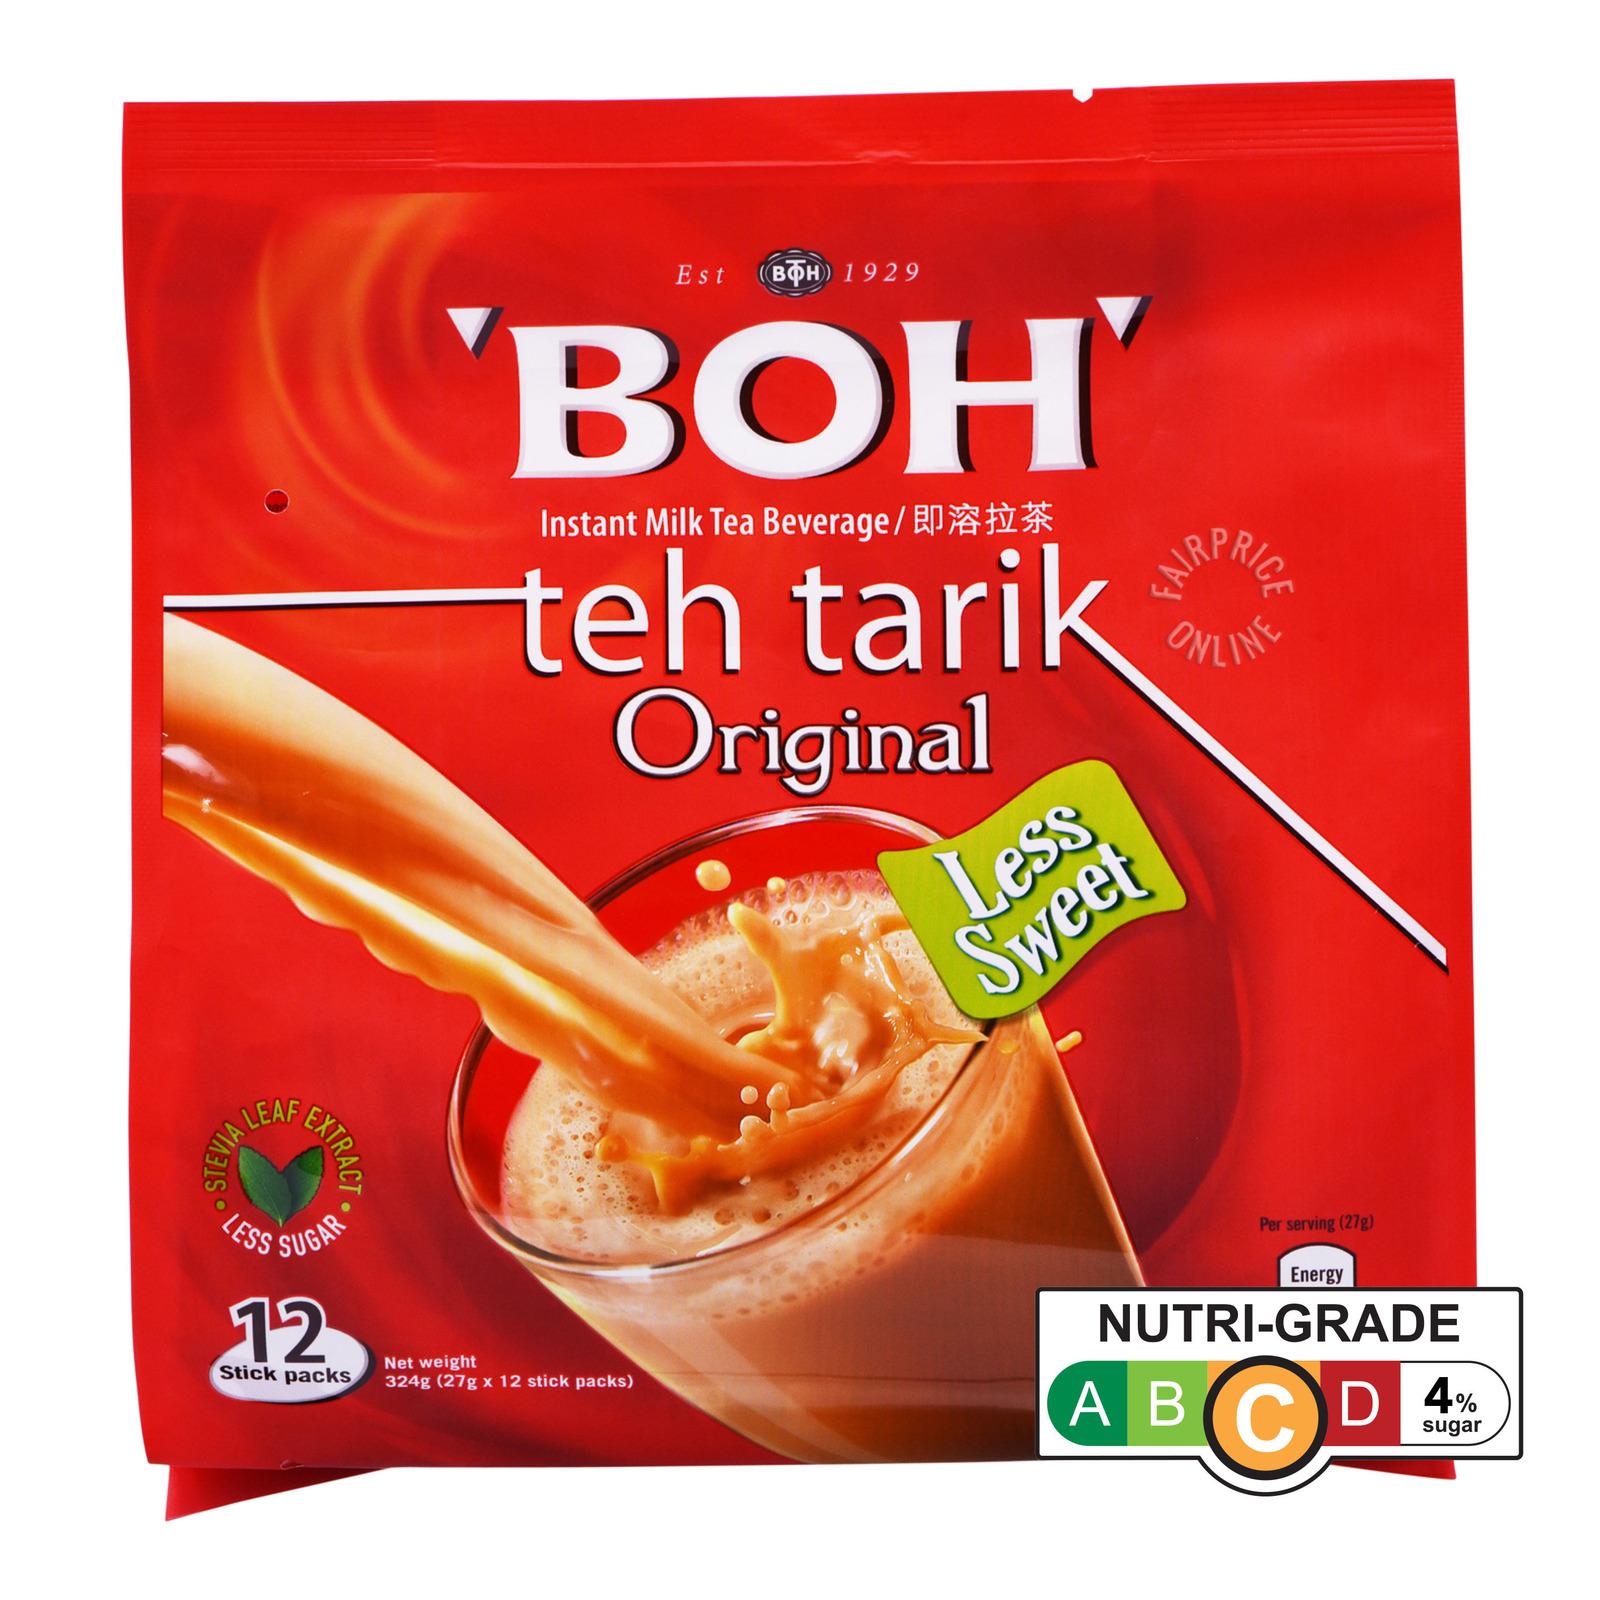 BOH Teh Tarik Instant Milk Tea Beverage - Original